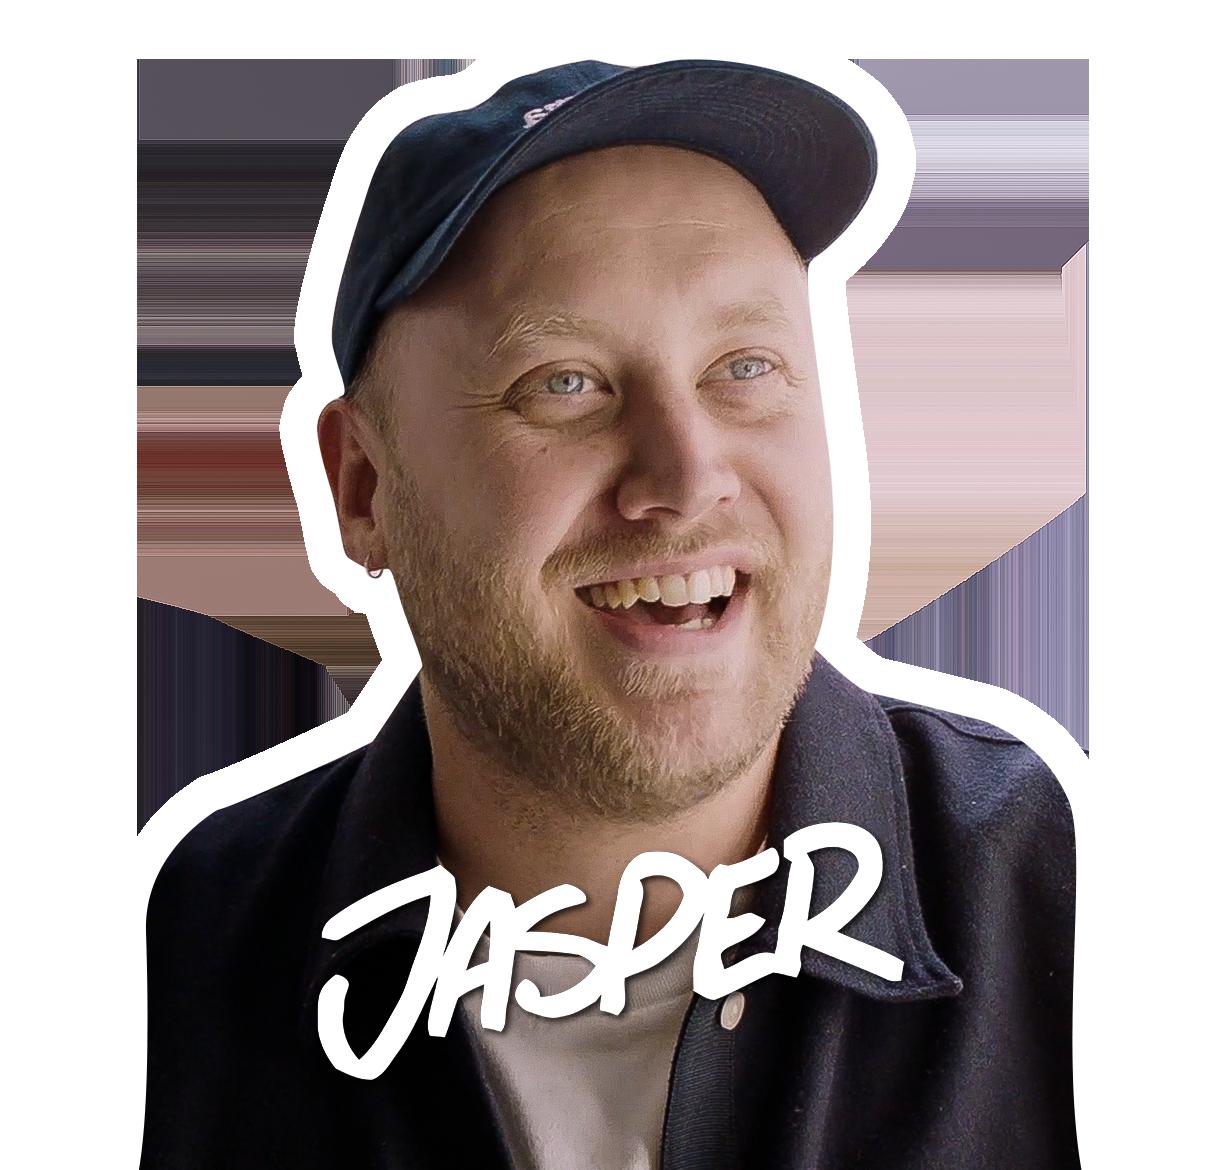 Jasper-bio